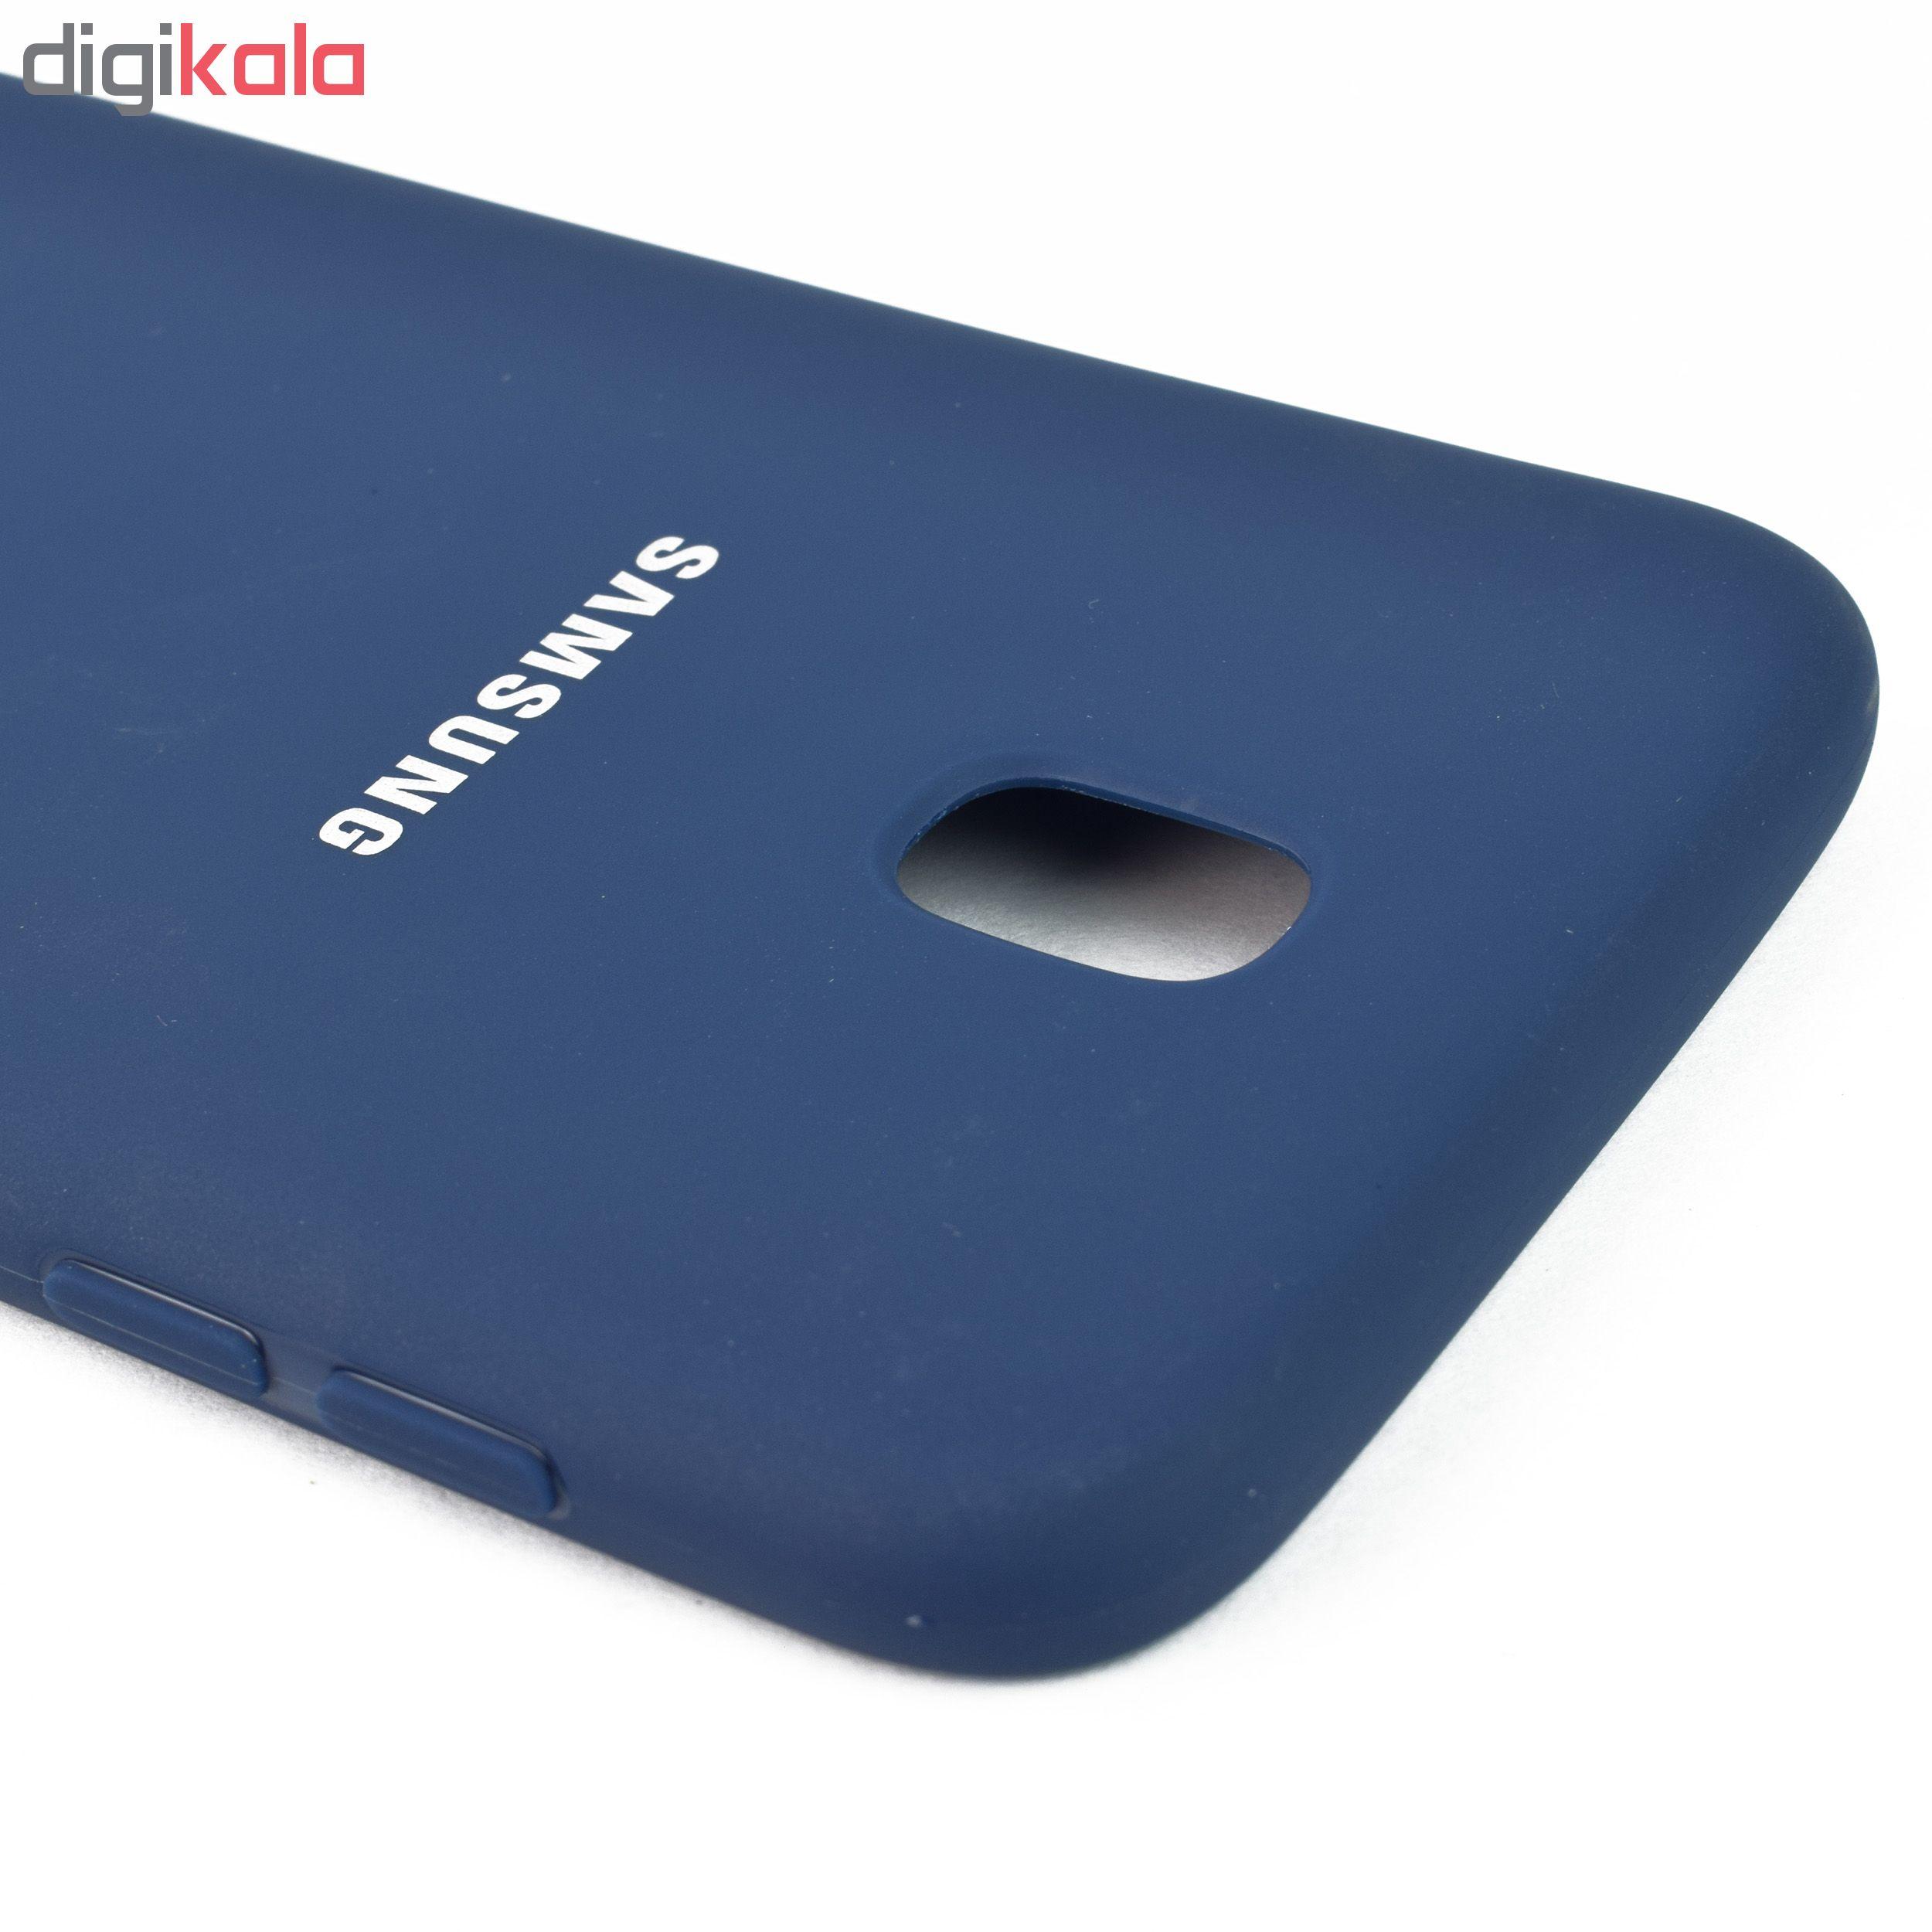 کاور مدل SC20 مناسب برای گوشی موبایل سامسونگ Galaxy J7 Pro / J730 main 1 8